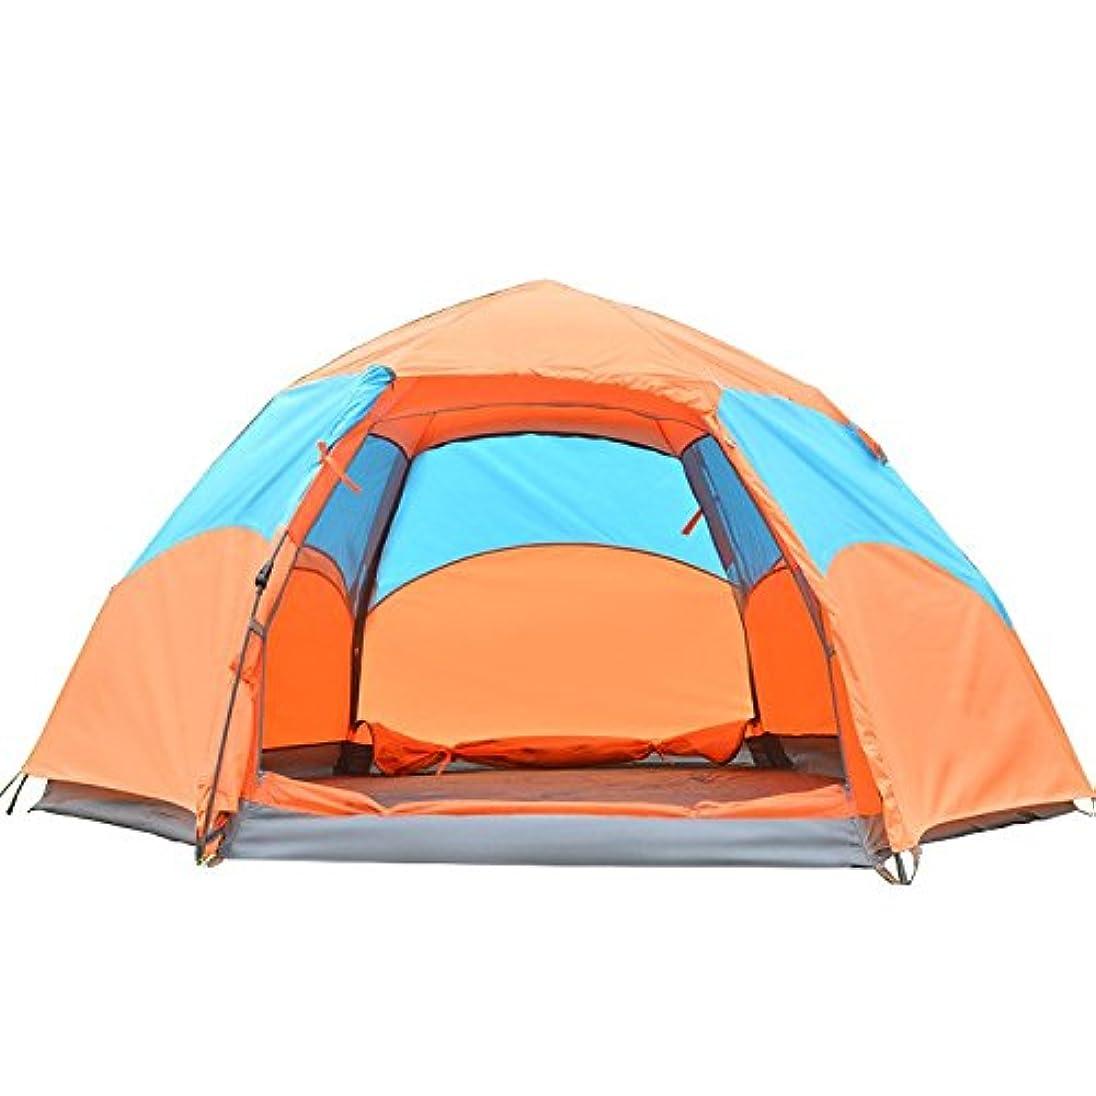 ミネラルプライバシー私たちのものWppolika 5-8人の屋外のキャンプテント、日除けのテント、釣りの登山、防水、雨防止、紫外線抵抗力がある、大きいスペース、安定した構造